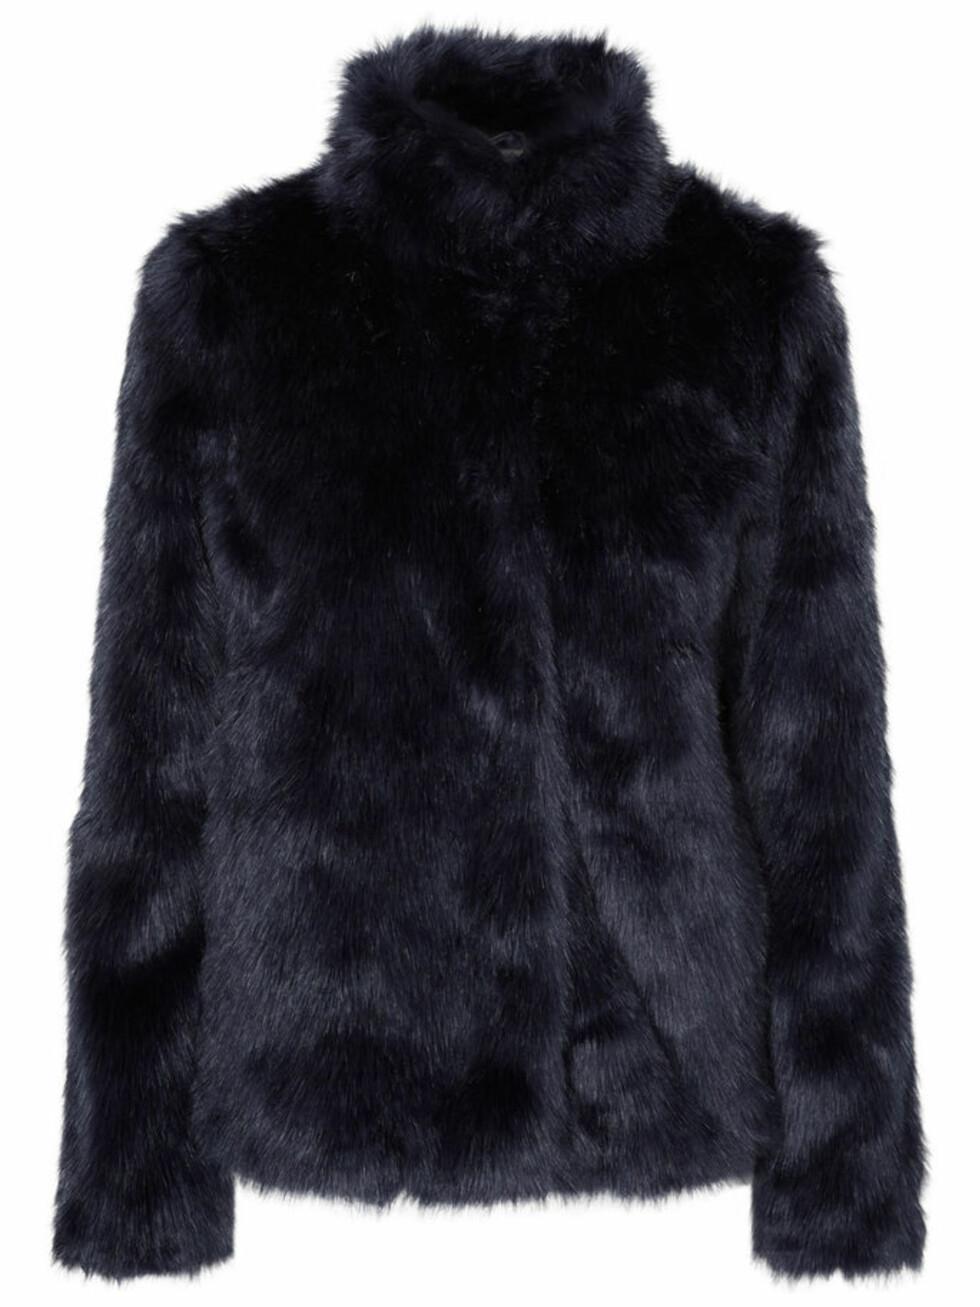 Fuskepels fra Vero Moda | kr 700 | http://www.veromoda.com/no/no/vm/handla-efter-kategori/jakker/kaper/kort-faux-fur-jakke-10156725.html?cgid=vm-coats&dwvar_colorPattern=10156725_NavyBlazer